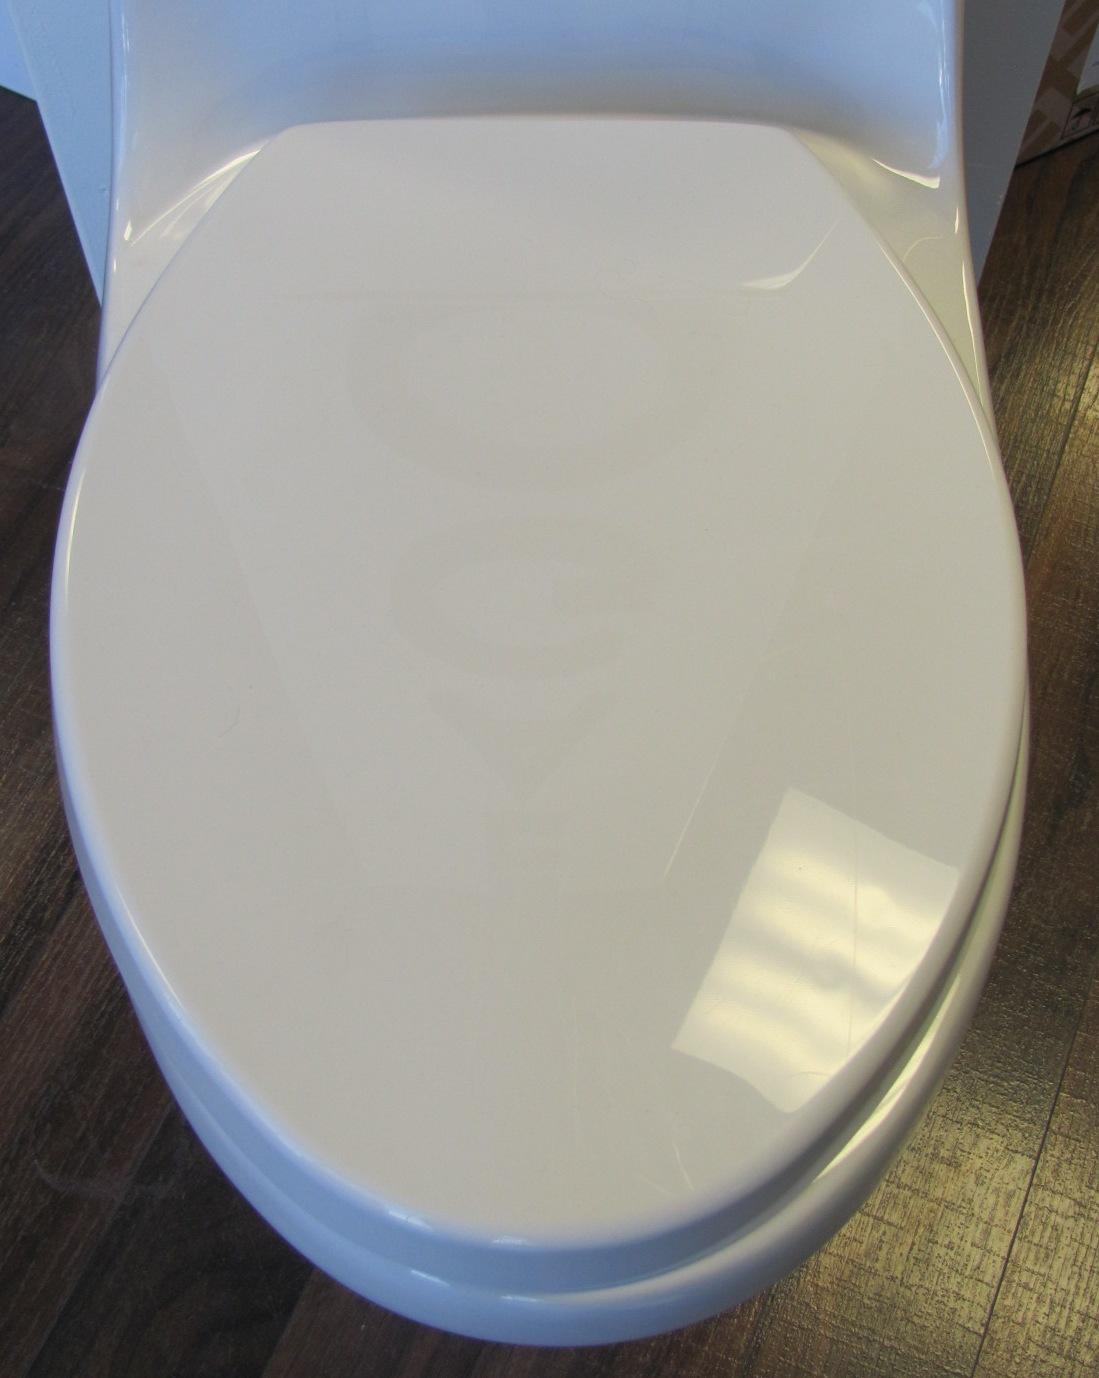 Eago TB133 Toilet seat